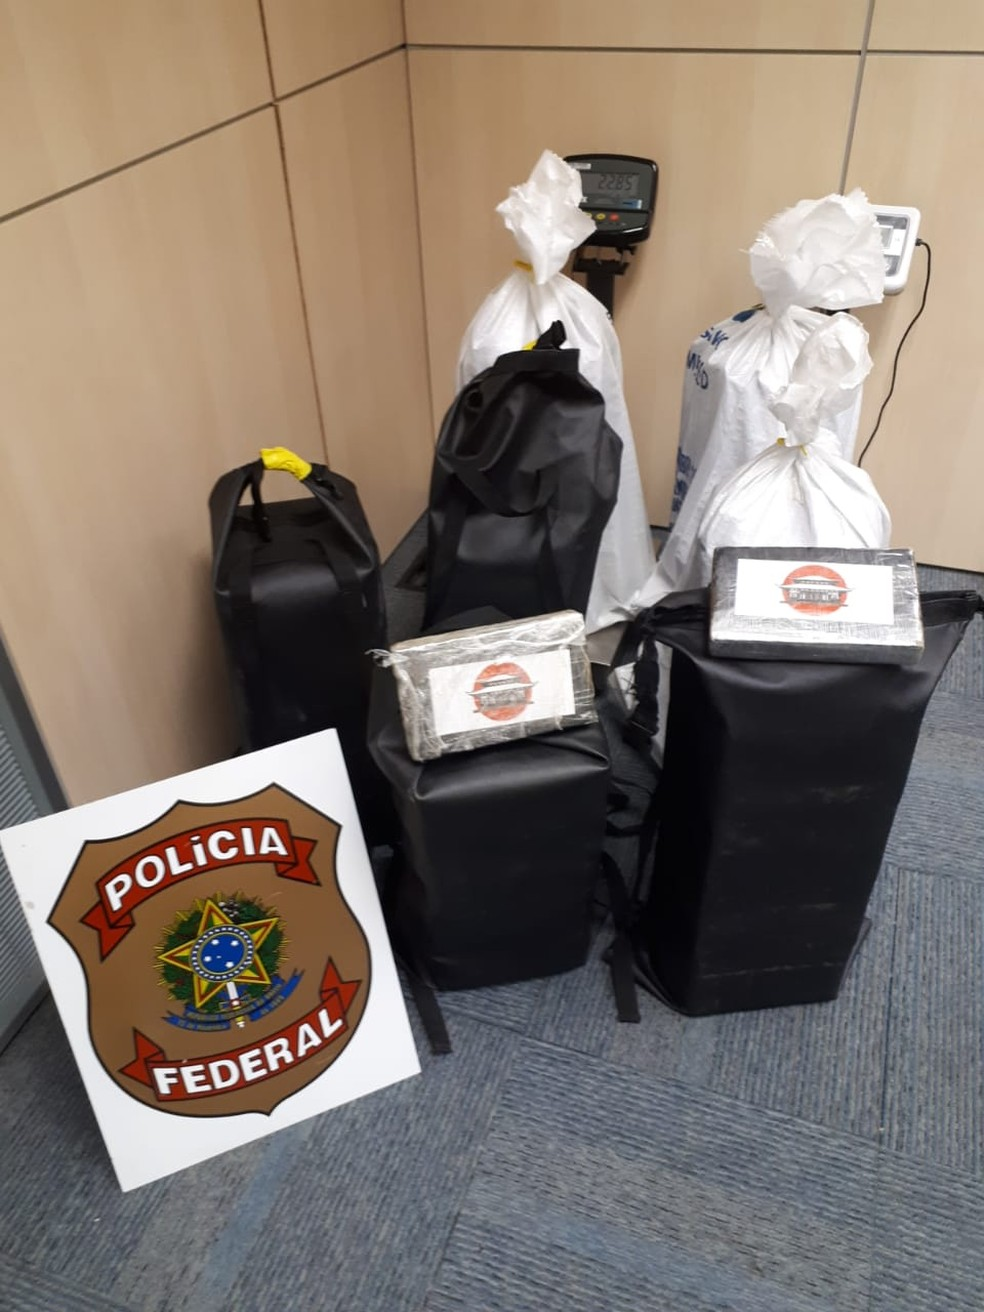 Polícia Federal contabilizou 2,8 toneladas de cocaína até a tarde deste sábado (3) — Foto: Polícia Federal/Divulgação